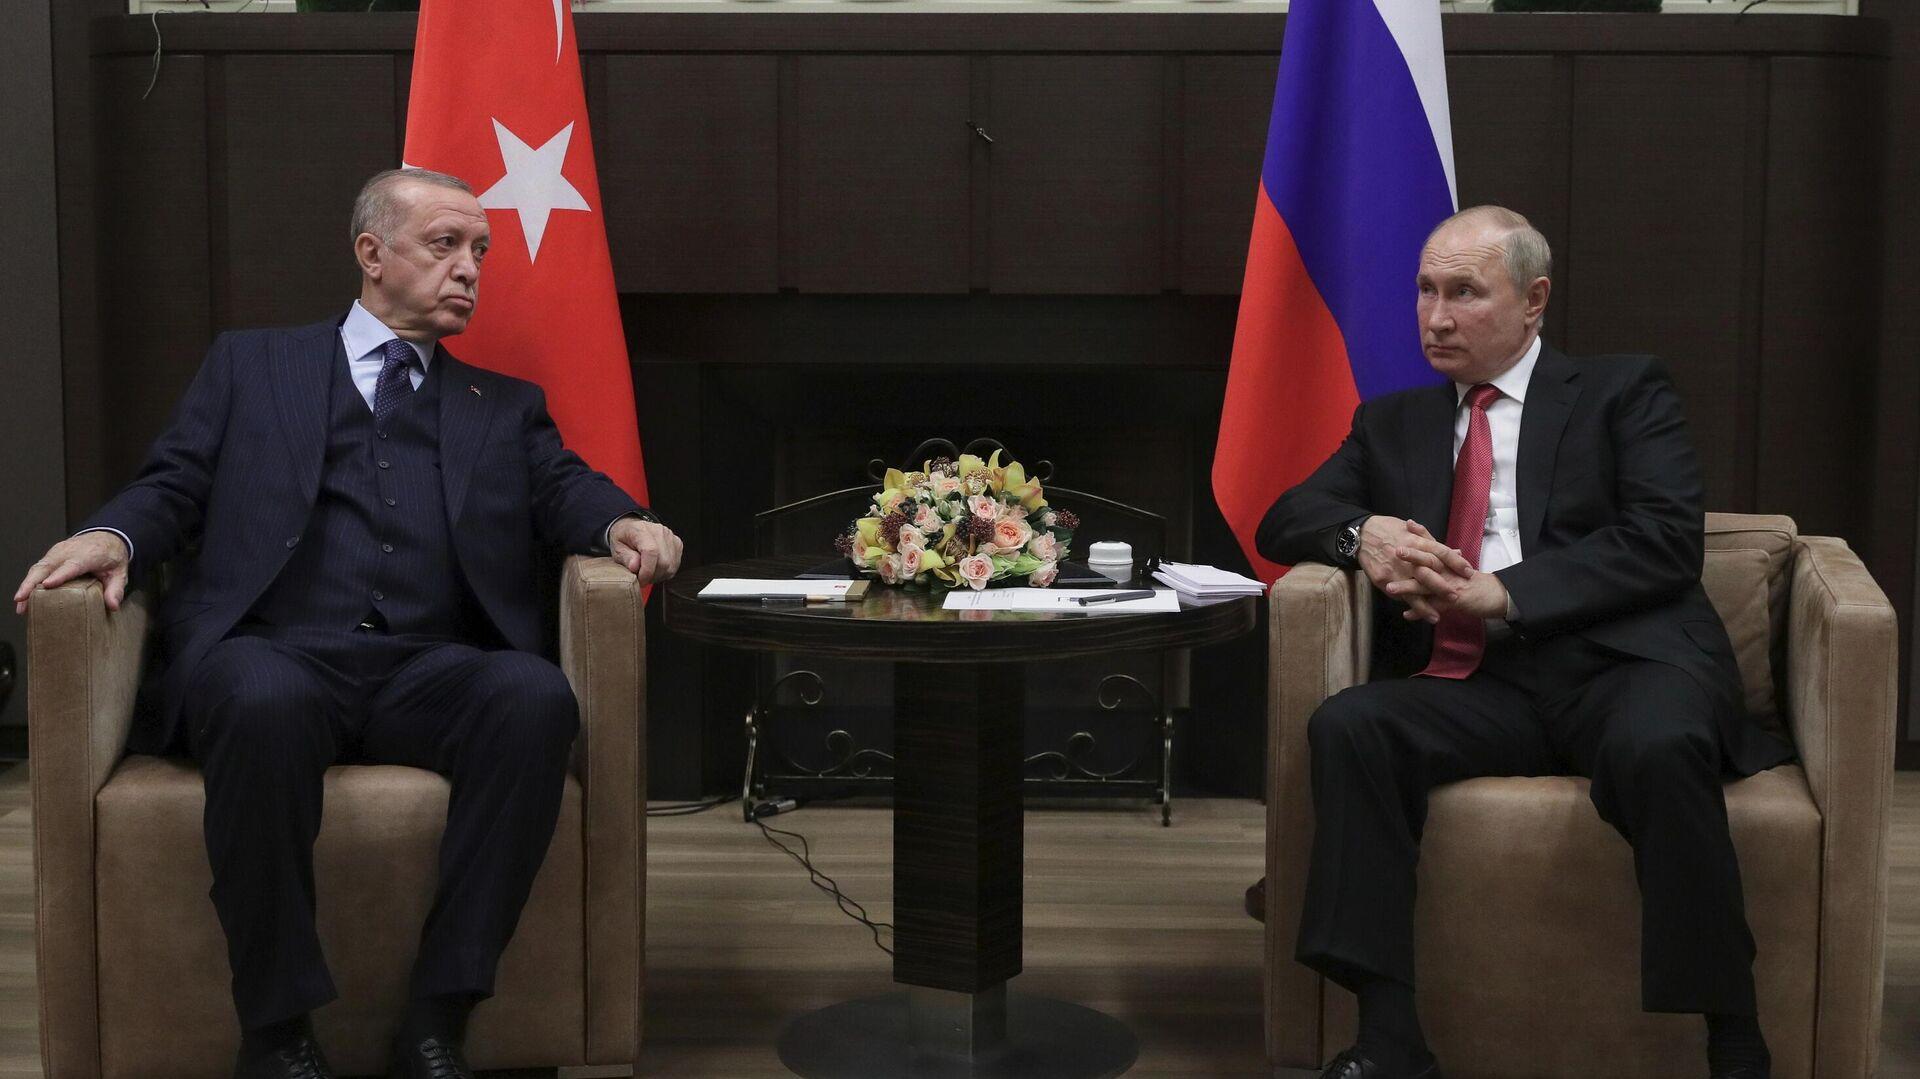 Президент РФ В. Путин провел переговоры с президентом Турции Р. Эрдоганом - Sputnik Тоҷикистон, 1920, 05.10.2021